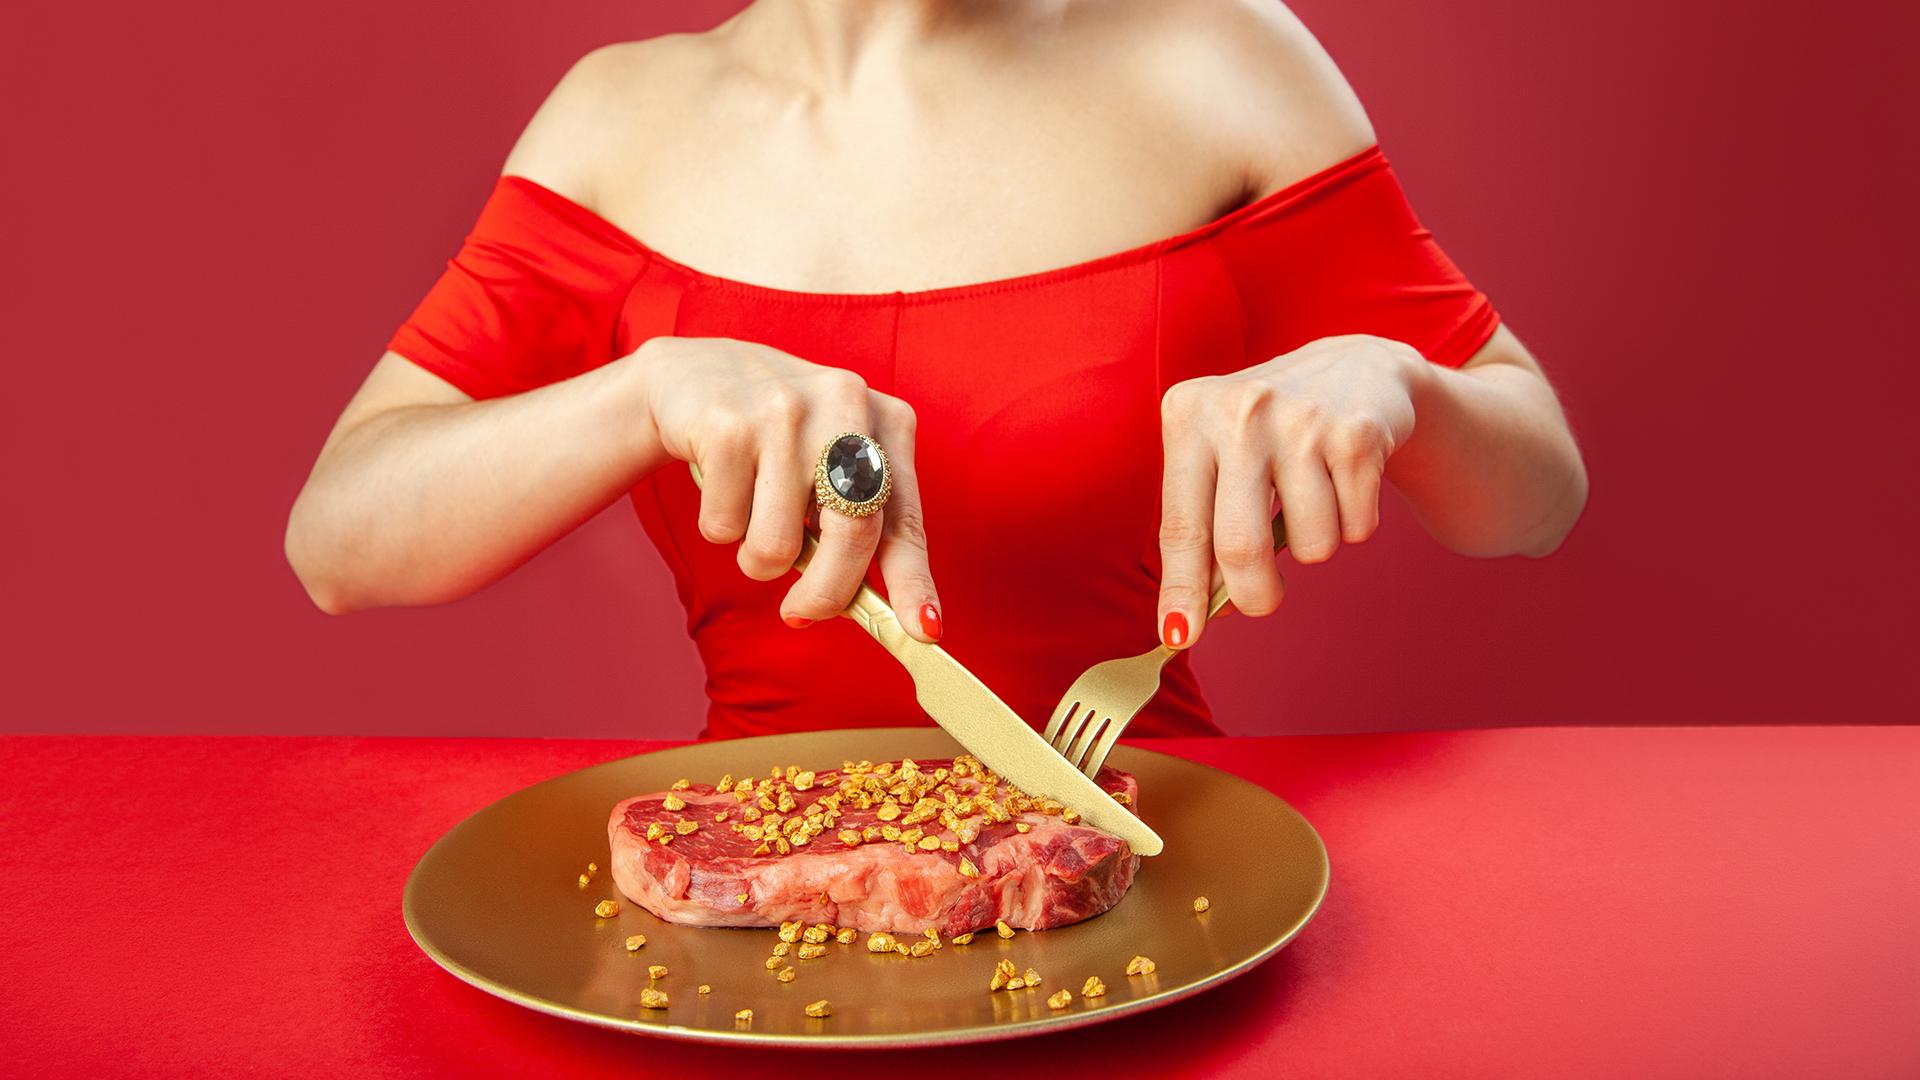 300 ezer forintnál is többet kérnek az aranyozott steakért